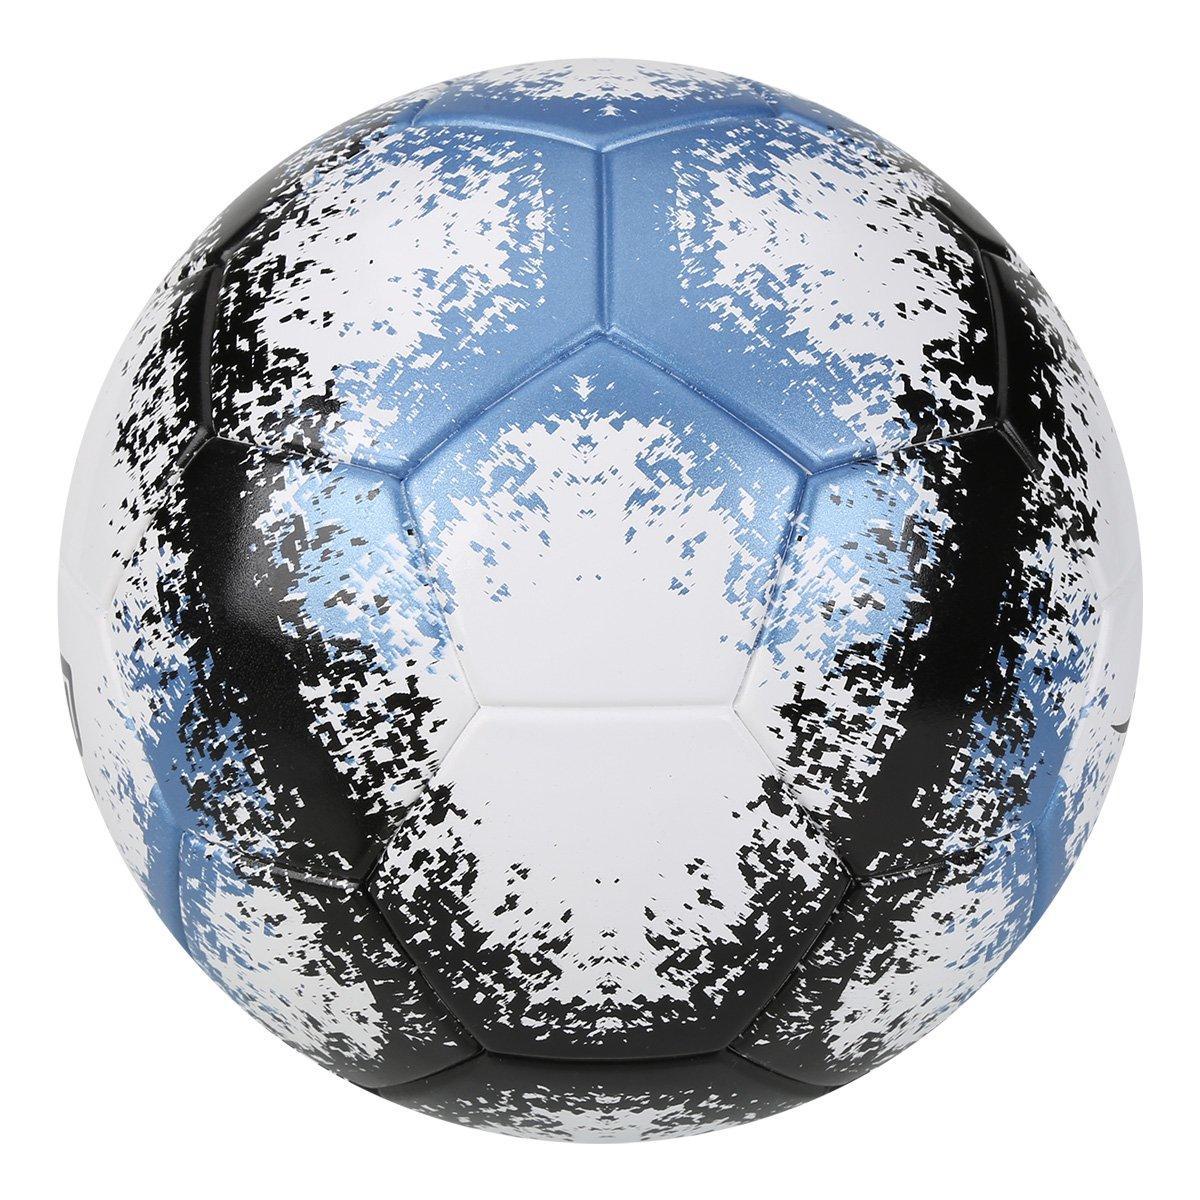 Bola Futsal Penalty RX 500 R3 Fusion - Branco e Azul - Compre Agora ... 21316ff4e0673